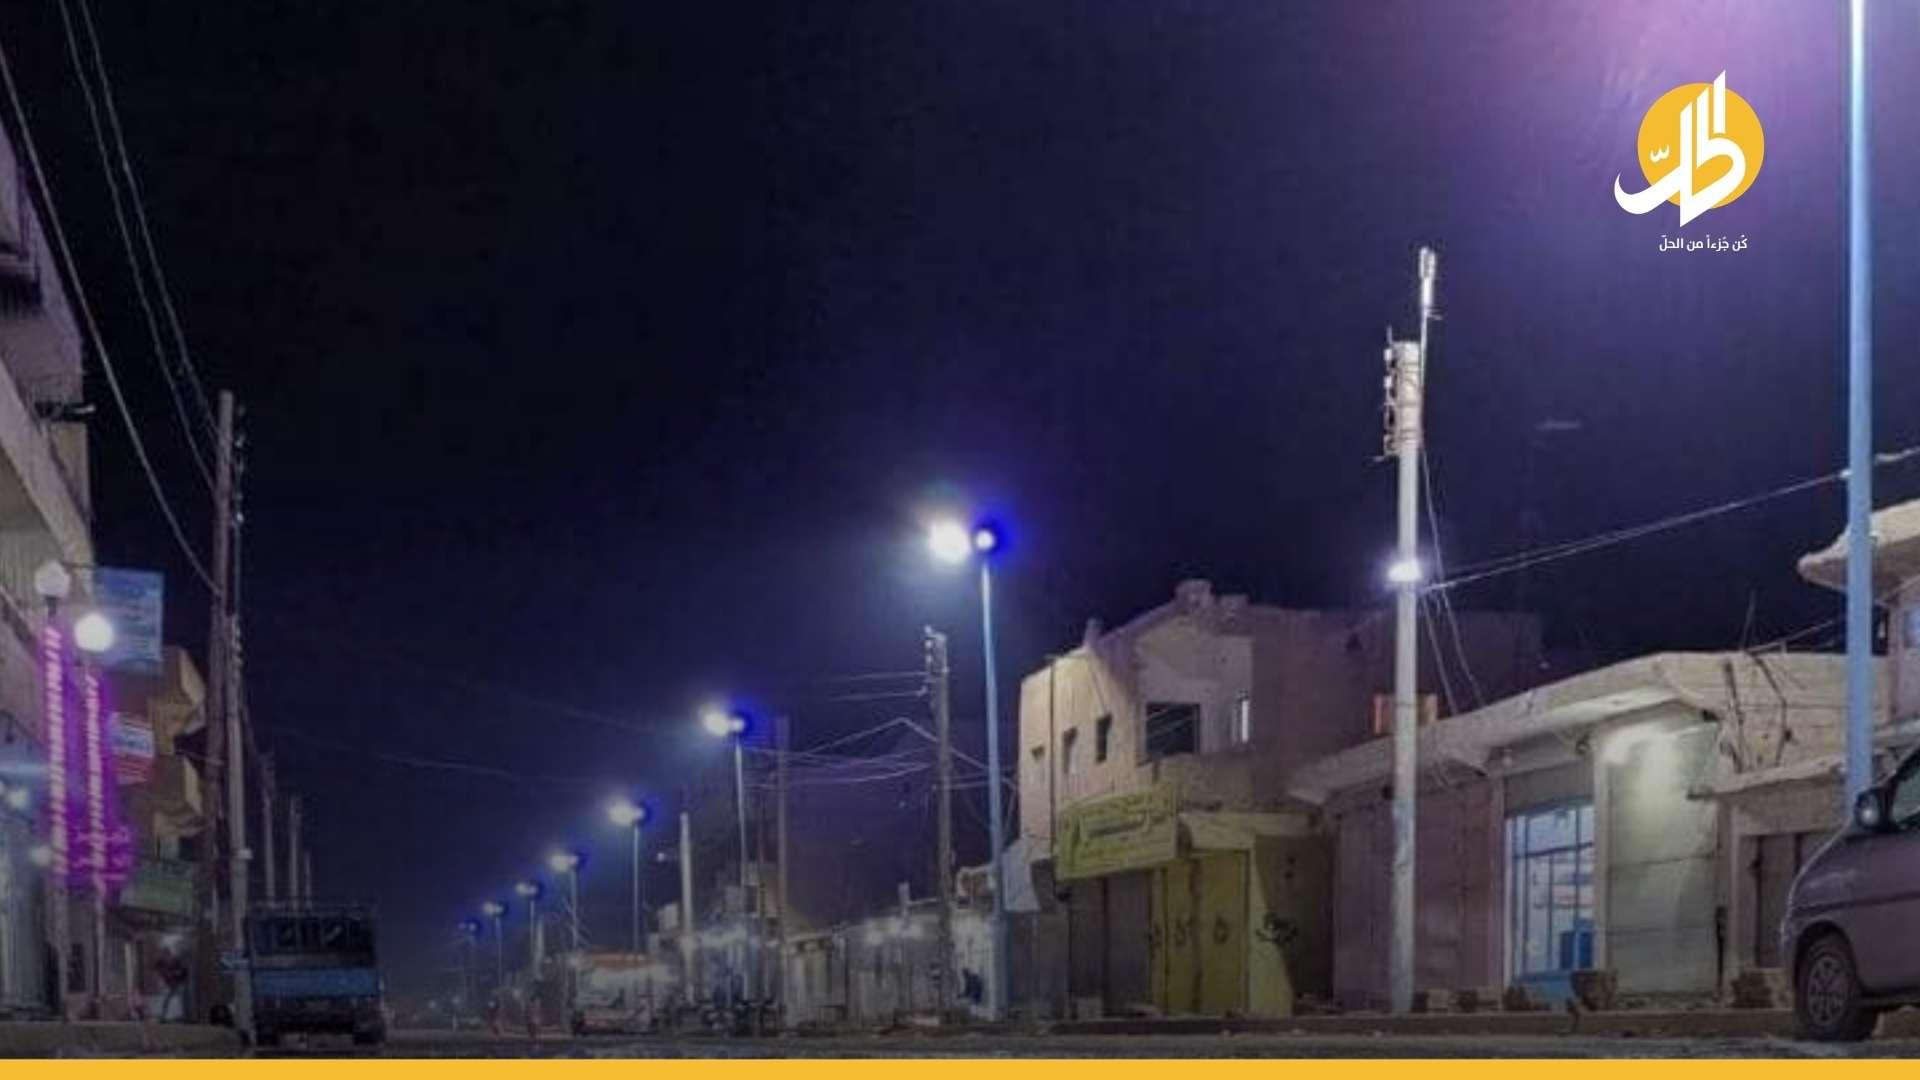 بعد جملةٍ من التهديدات.. هجومٌ مسلح يستهدفُ عمال النظافة شرقي دير الزور